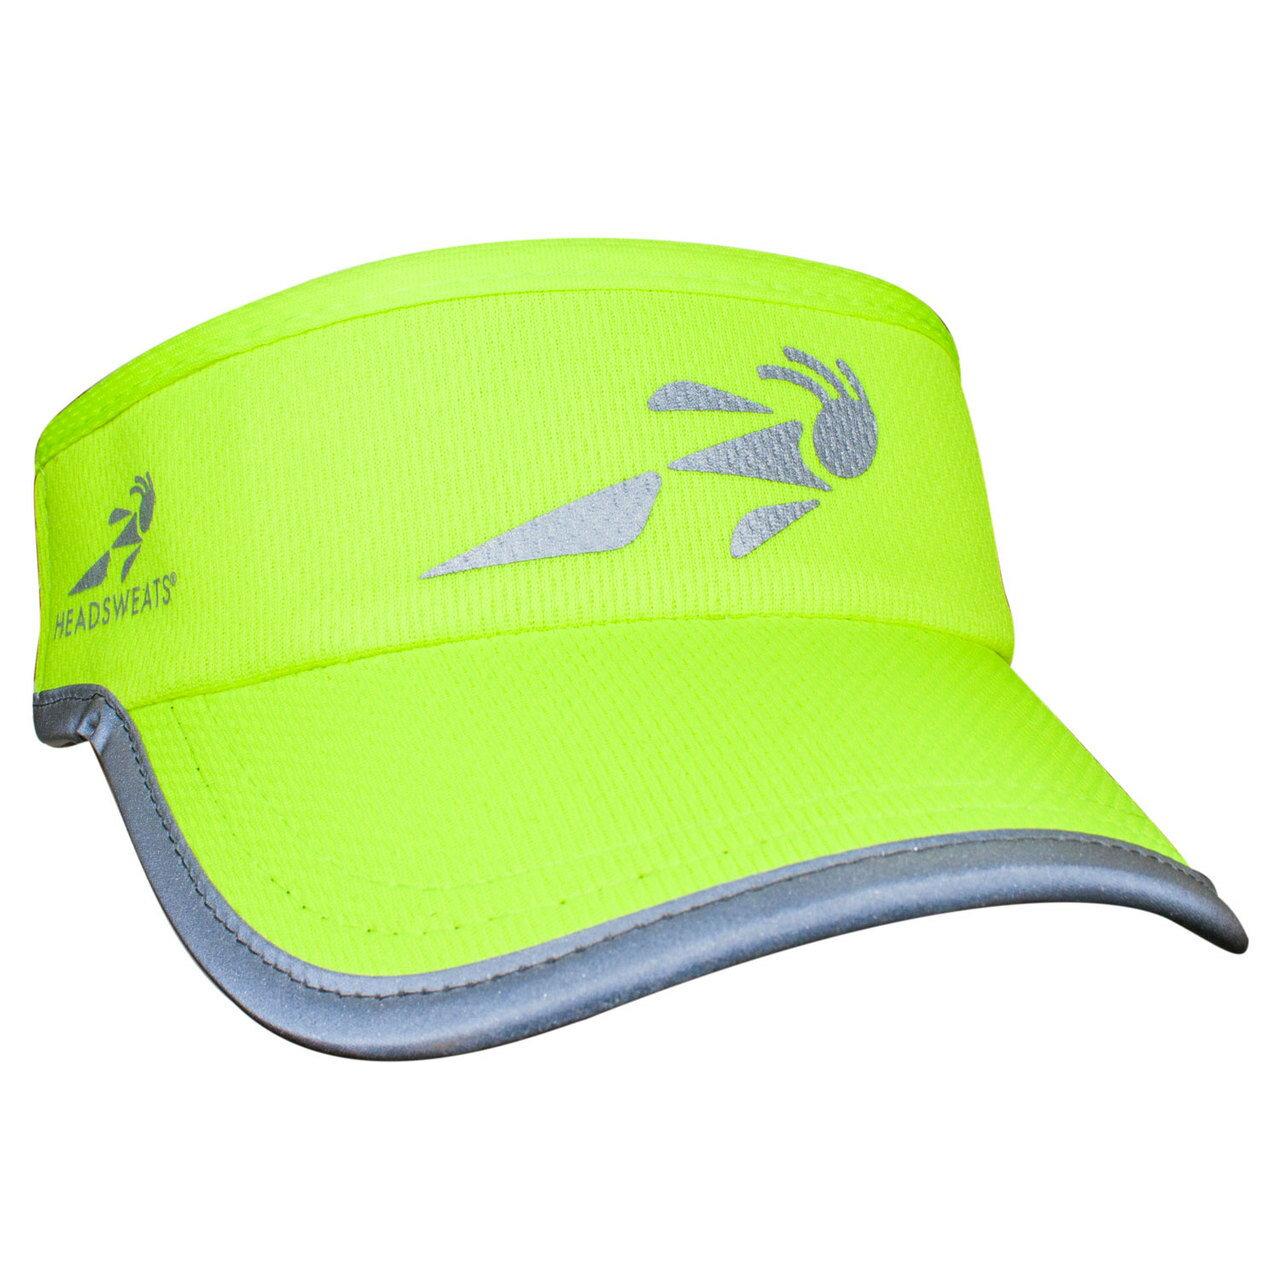 HEADSWEATS 汗淂 (遮陽帽、運動帽系列)